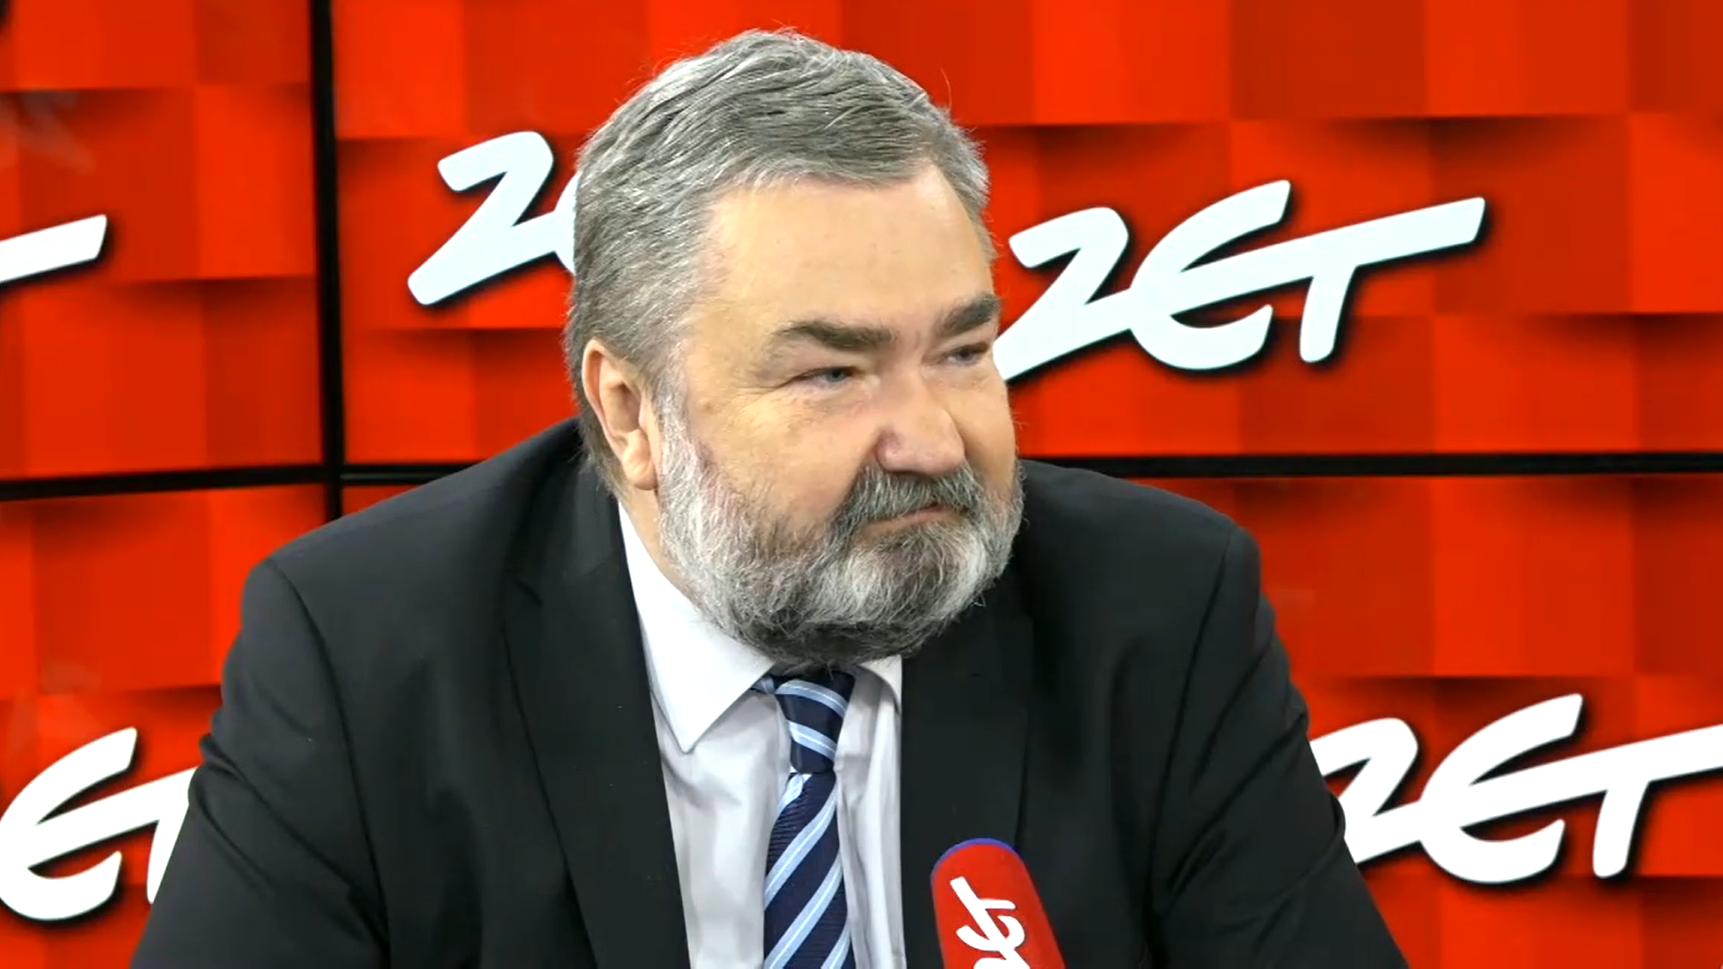 """Karski: """"Rząd nie będzie płacił kary. Decyzja TSUE ma charakter pozatraktatowy"""""""